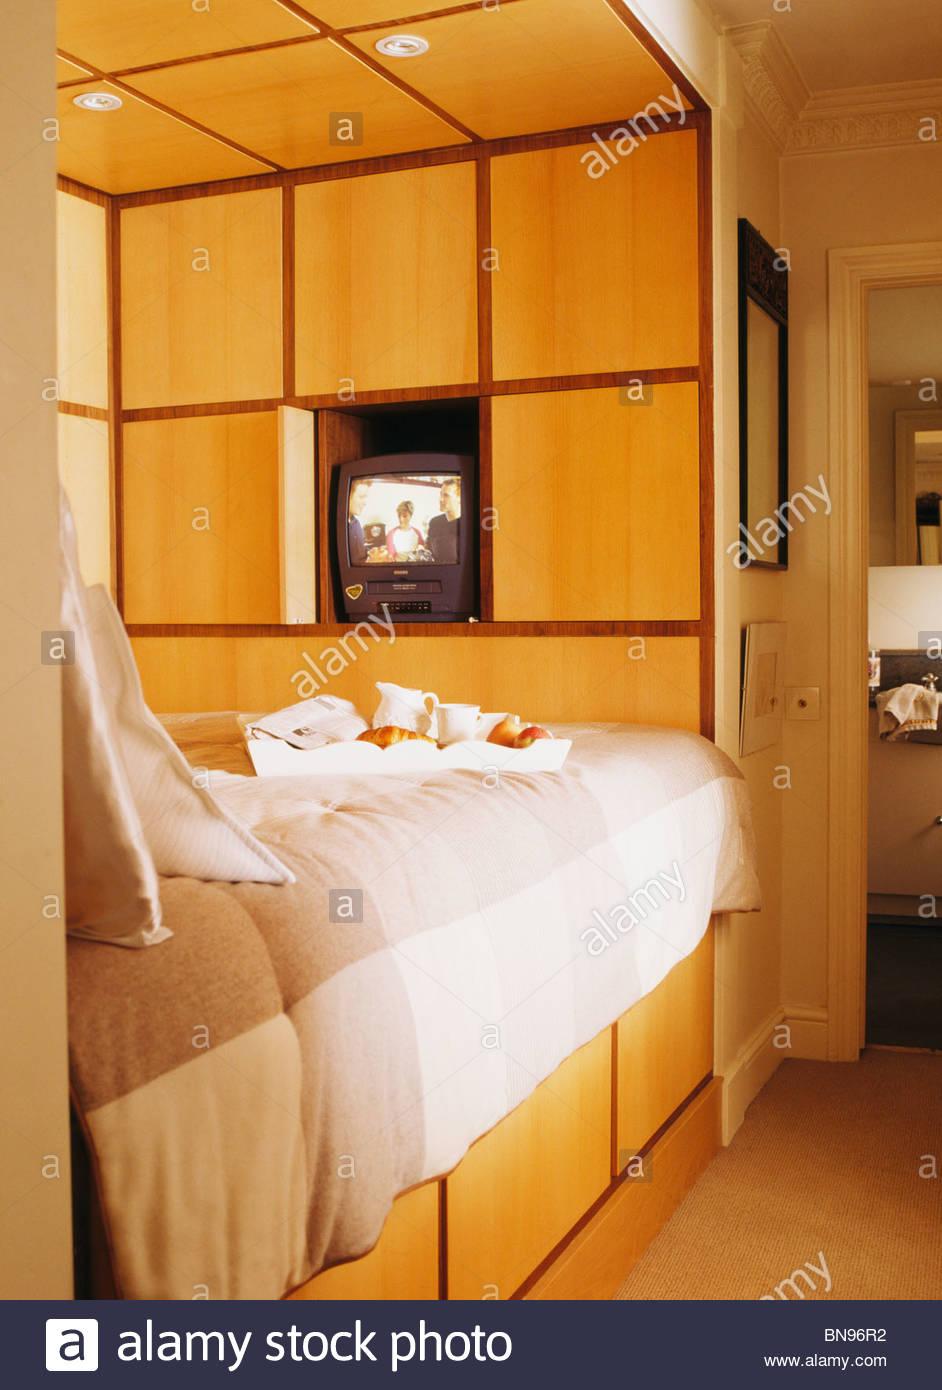 Full Size of Bett Platzsparend Kleine Platzsparende Moderne Schlafzimmer Mit Einbaubett Liegehöhe 60 Cm Ebay Betten 180x200 Selber Zusammenstellen Stauraum 200x200 Massiv Bett Bett Platzsparend